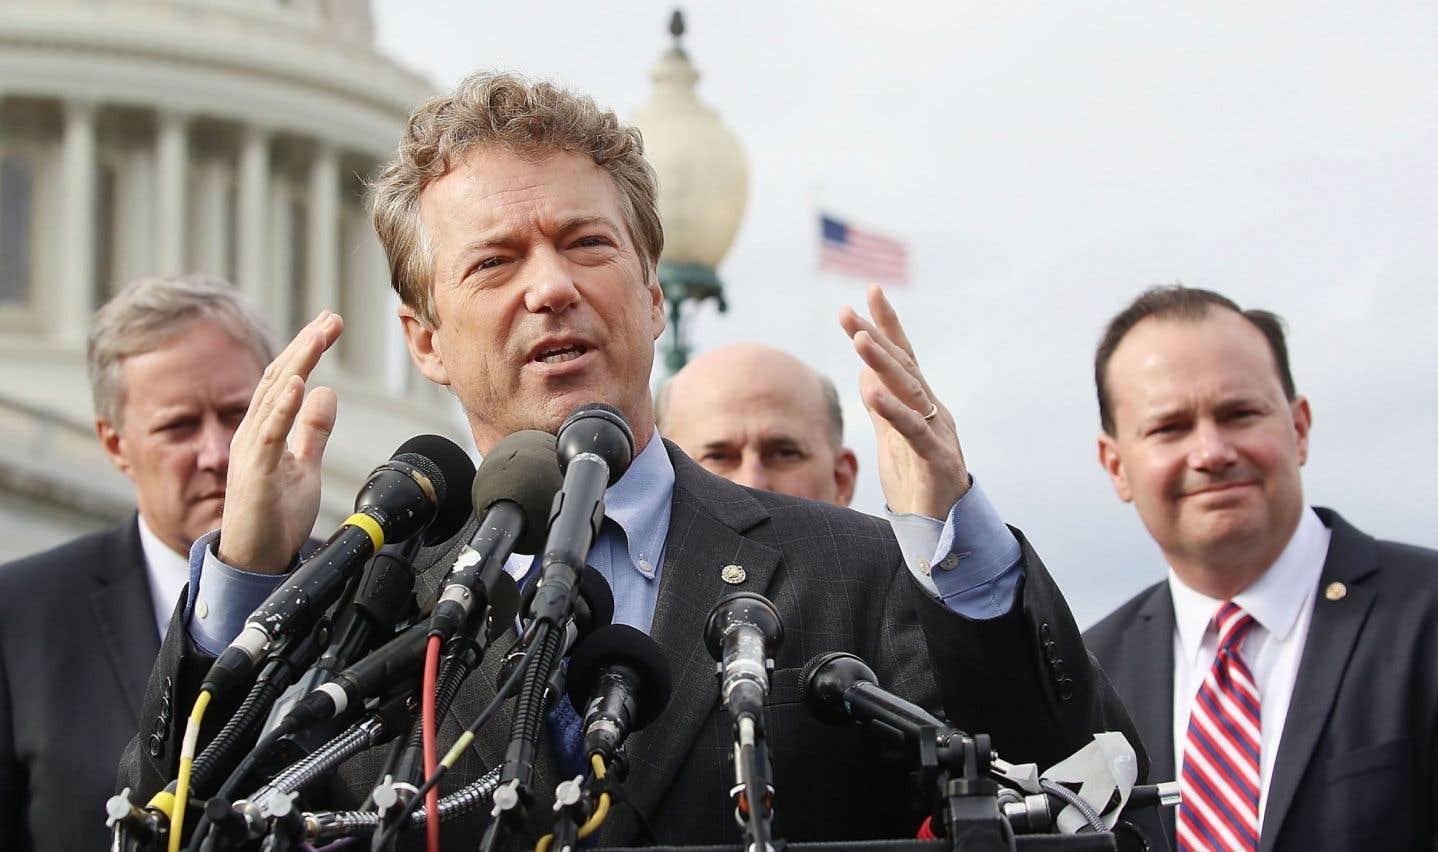 Le sénateur Rand Paul, tout comme le représentant Mark Meadows (à gauche) et le sénateur Mike Lee (à droite), fait partie des quelques républicains qui s'opposent au projet «Trumpcare».